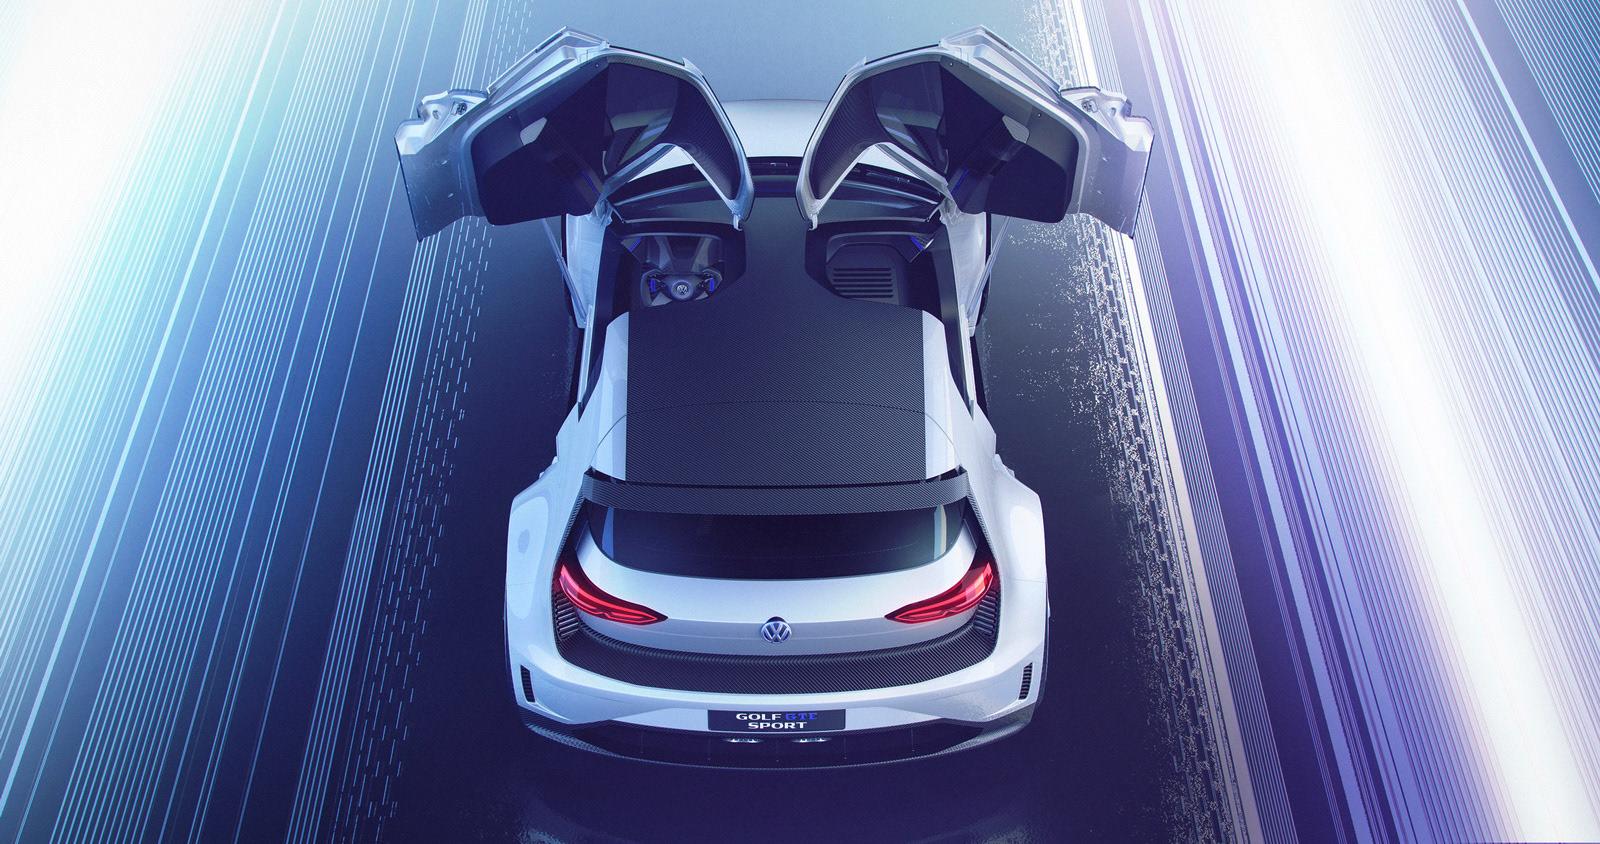 Digital Images For Press Release Of Volkswagen Golf Gte Sport Concept